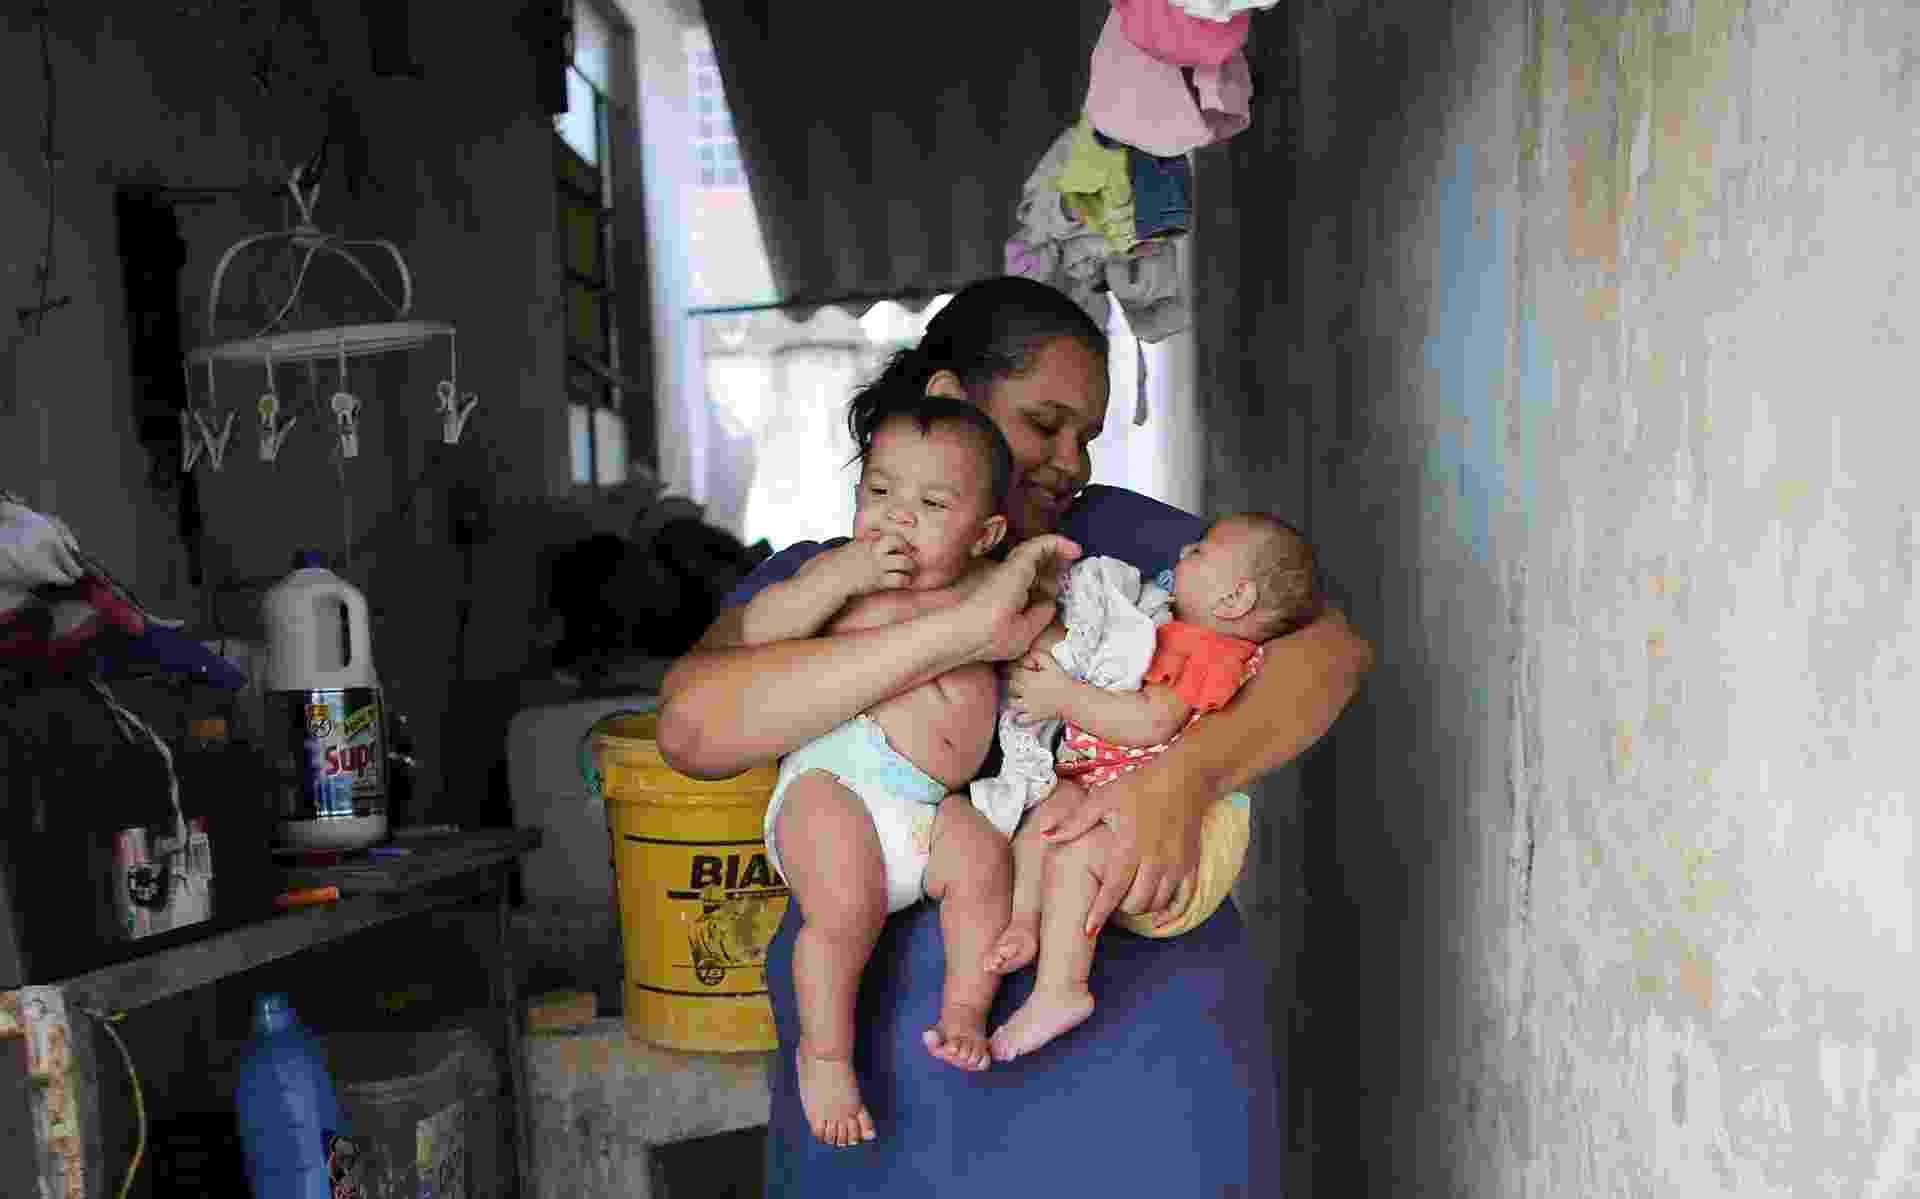 Jaqueline Jéssica Silva de Oliveira é mãe dos gêmeos de 5 meses de idade Laura e Lucas. Um deles tem microcefalia e o outro, não. A moradora de Santos, no litoral paulista, está sendo acompanhada por pesquisadores da USP que querem desvendar o que ainda não se sabe sobre o vírus da zika - Nacho Doce/Reuters